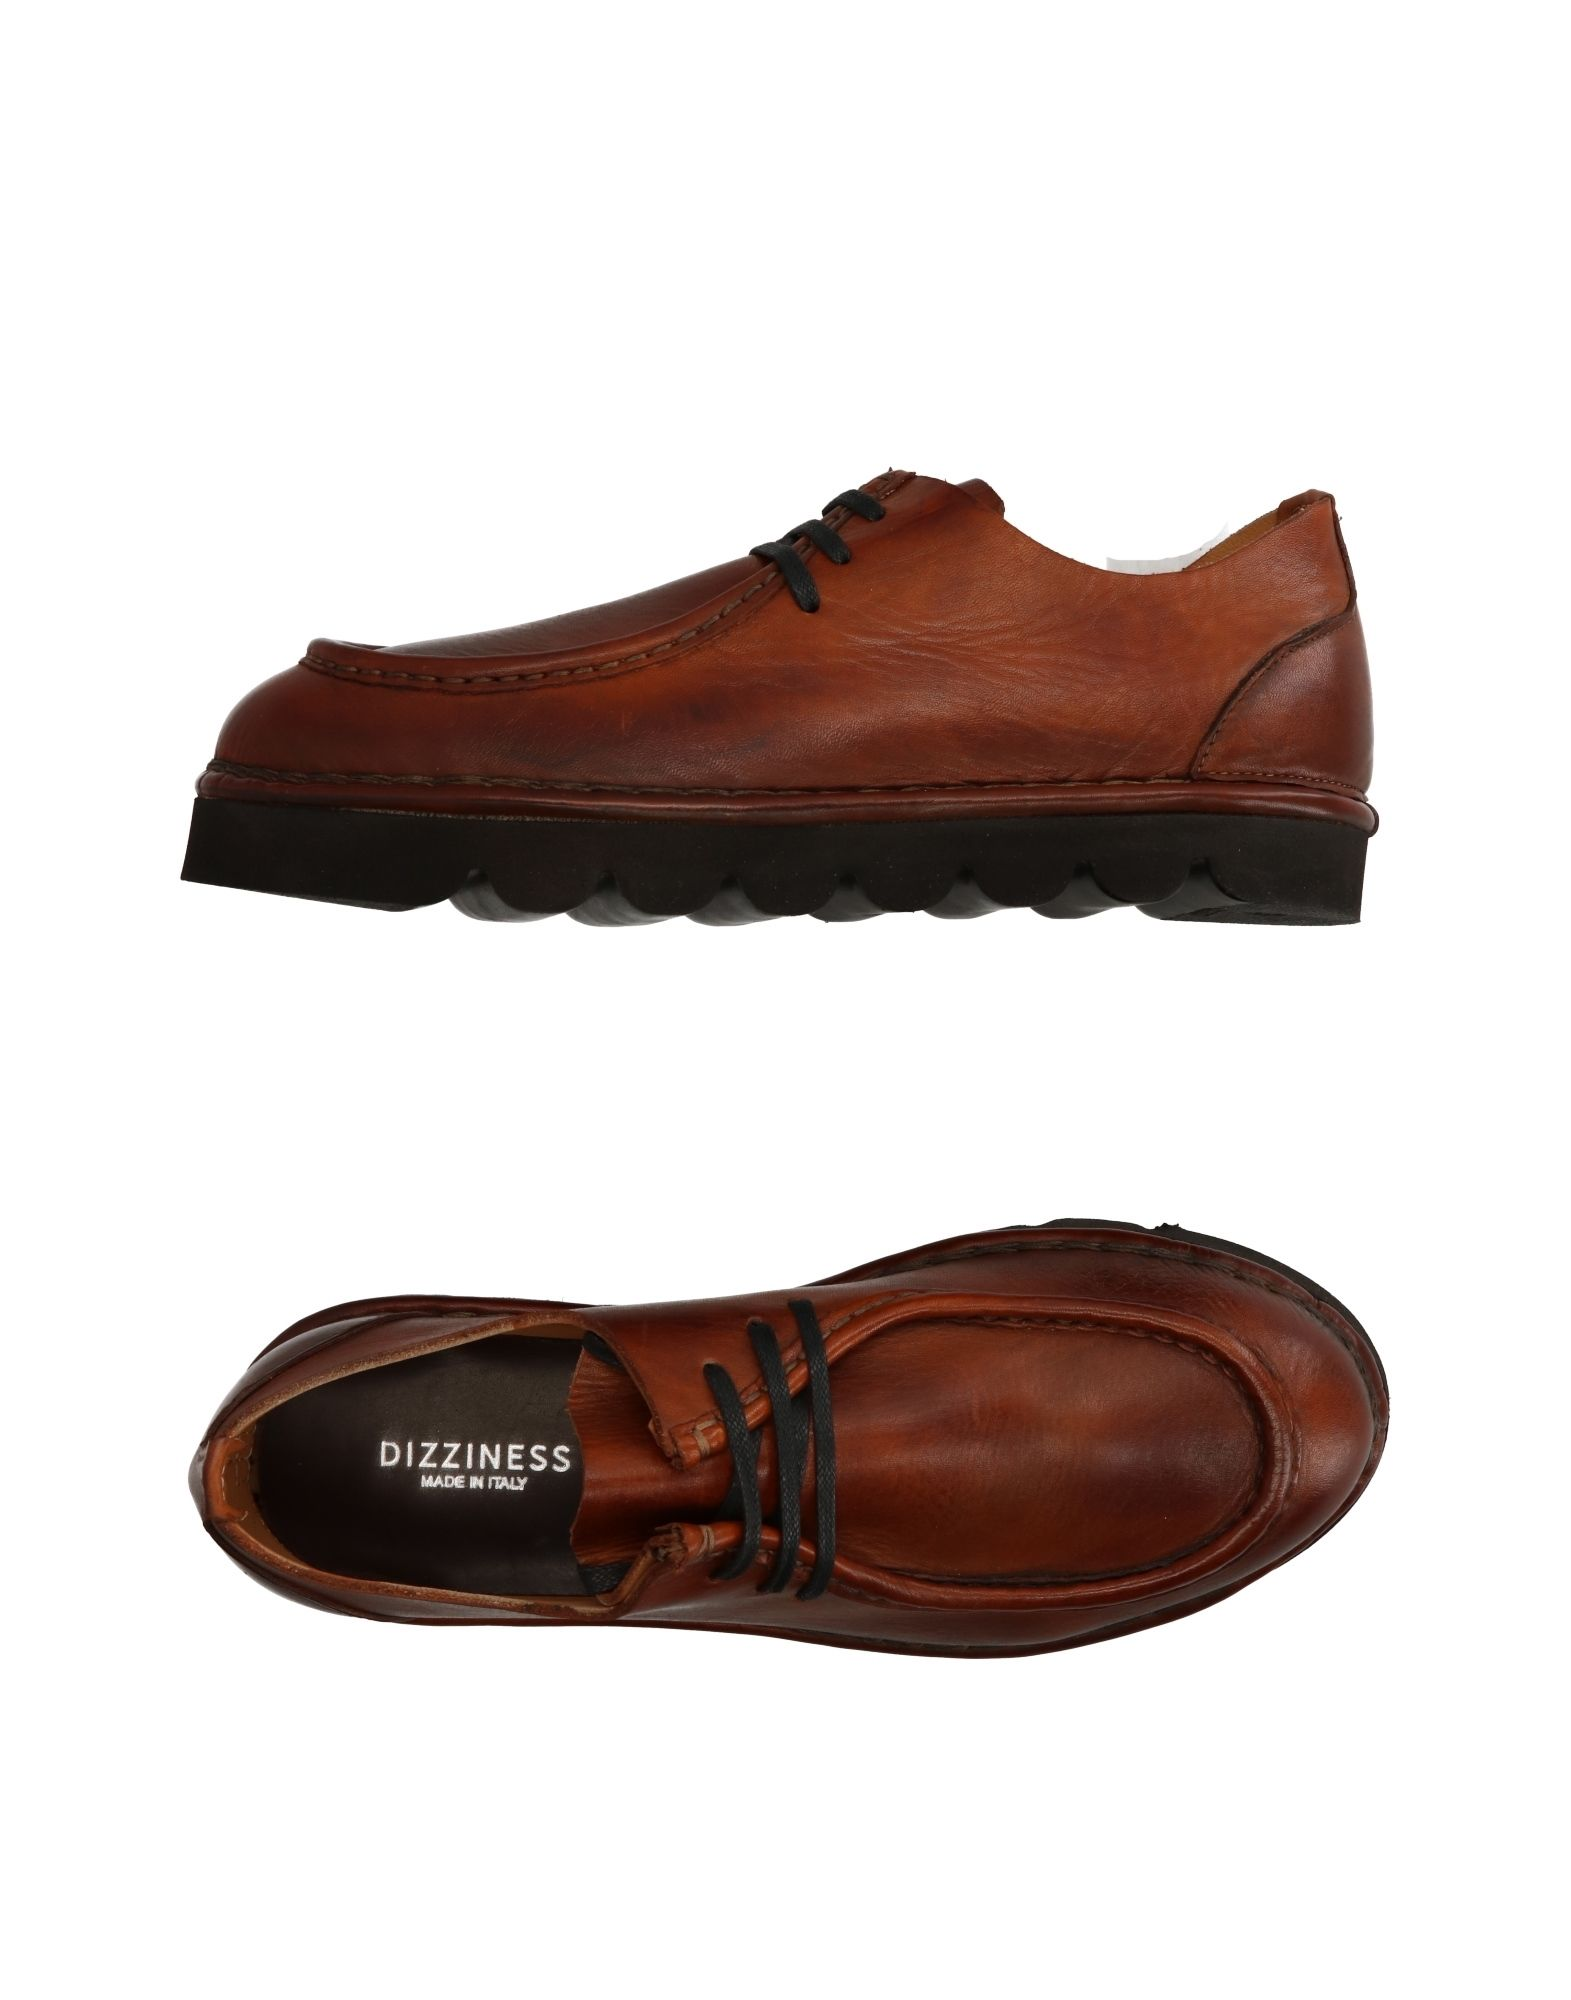 Dizziness Schnürschuhe Damen  11263064IS Gute Qualität beliebte Schuhe